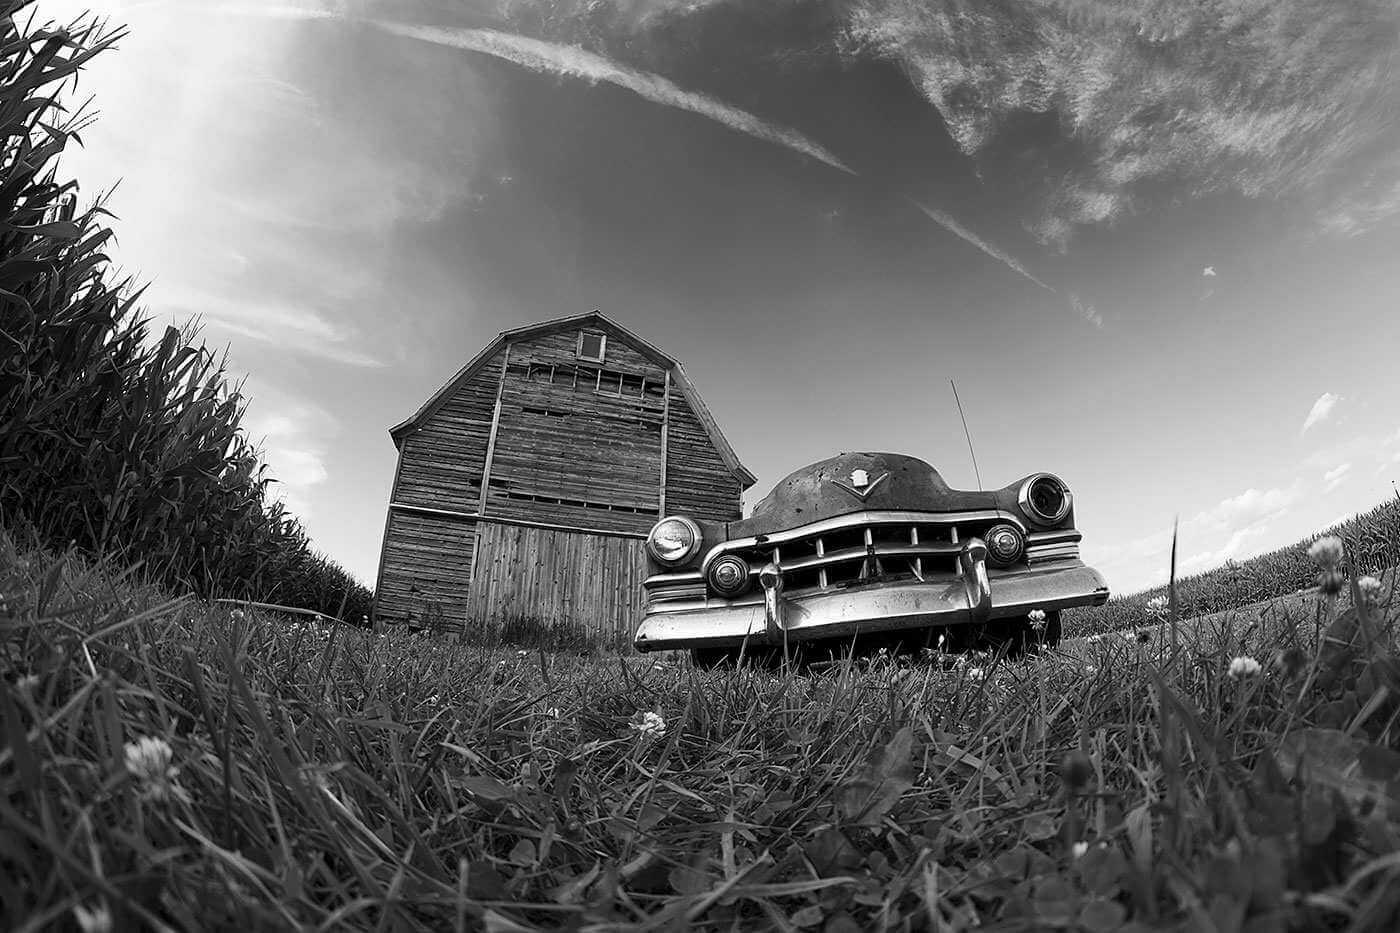 The Farmer's Cadillac